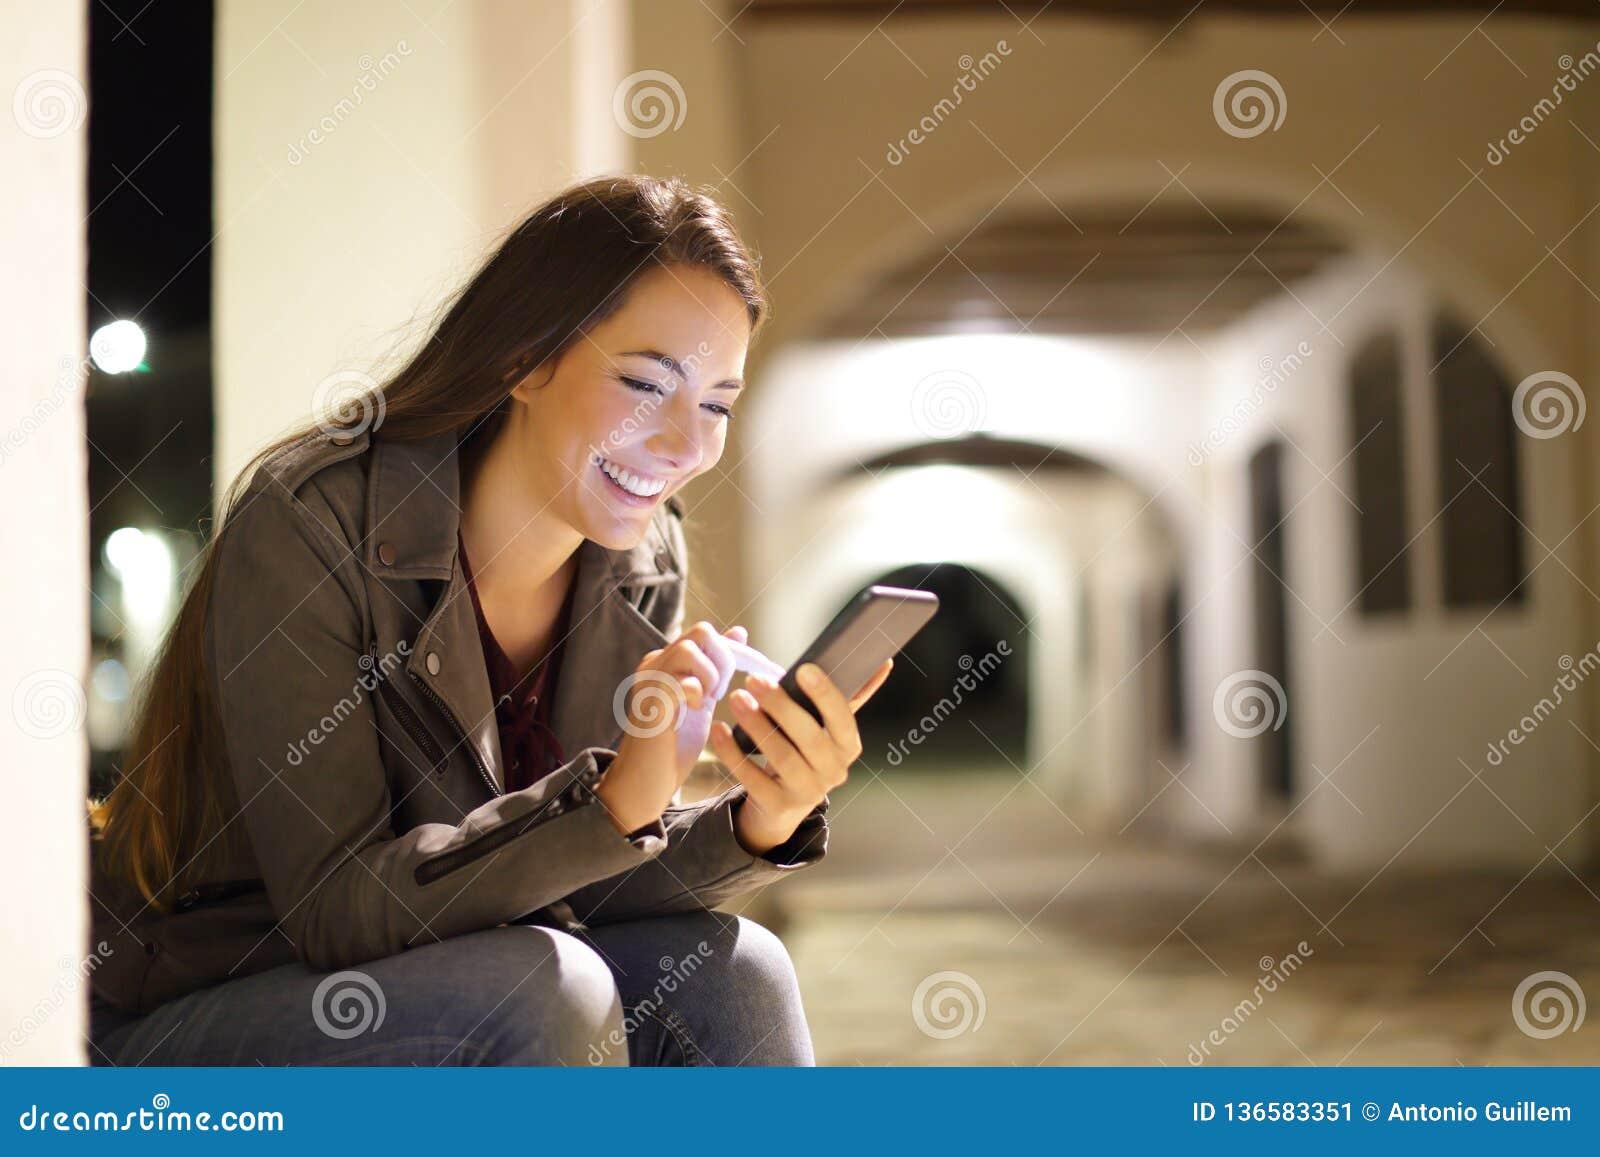 Ευτυχές θηλυκό που χρησιμοποιεί ένα έξυπνο τηλέφωνο στη νύχτα στην οδό